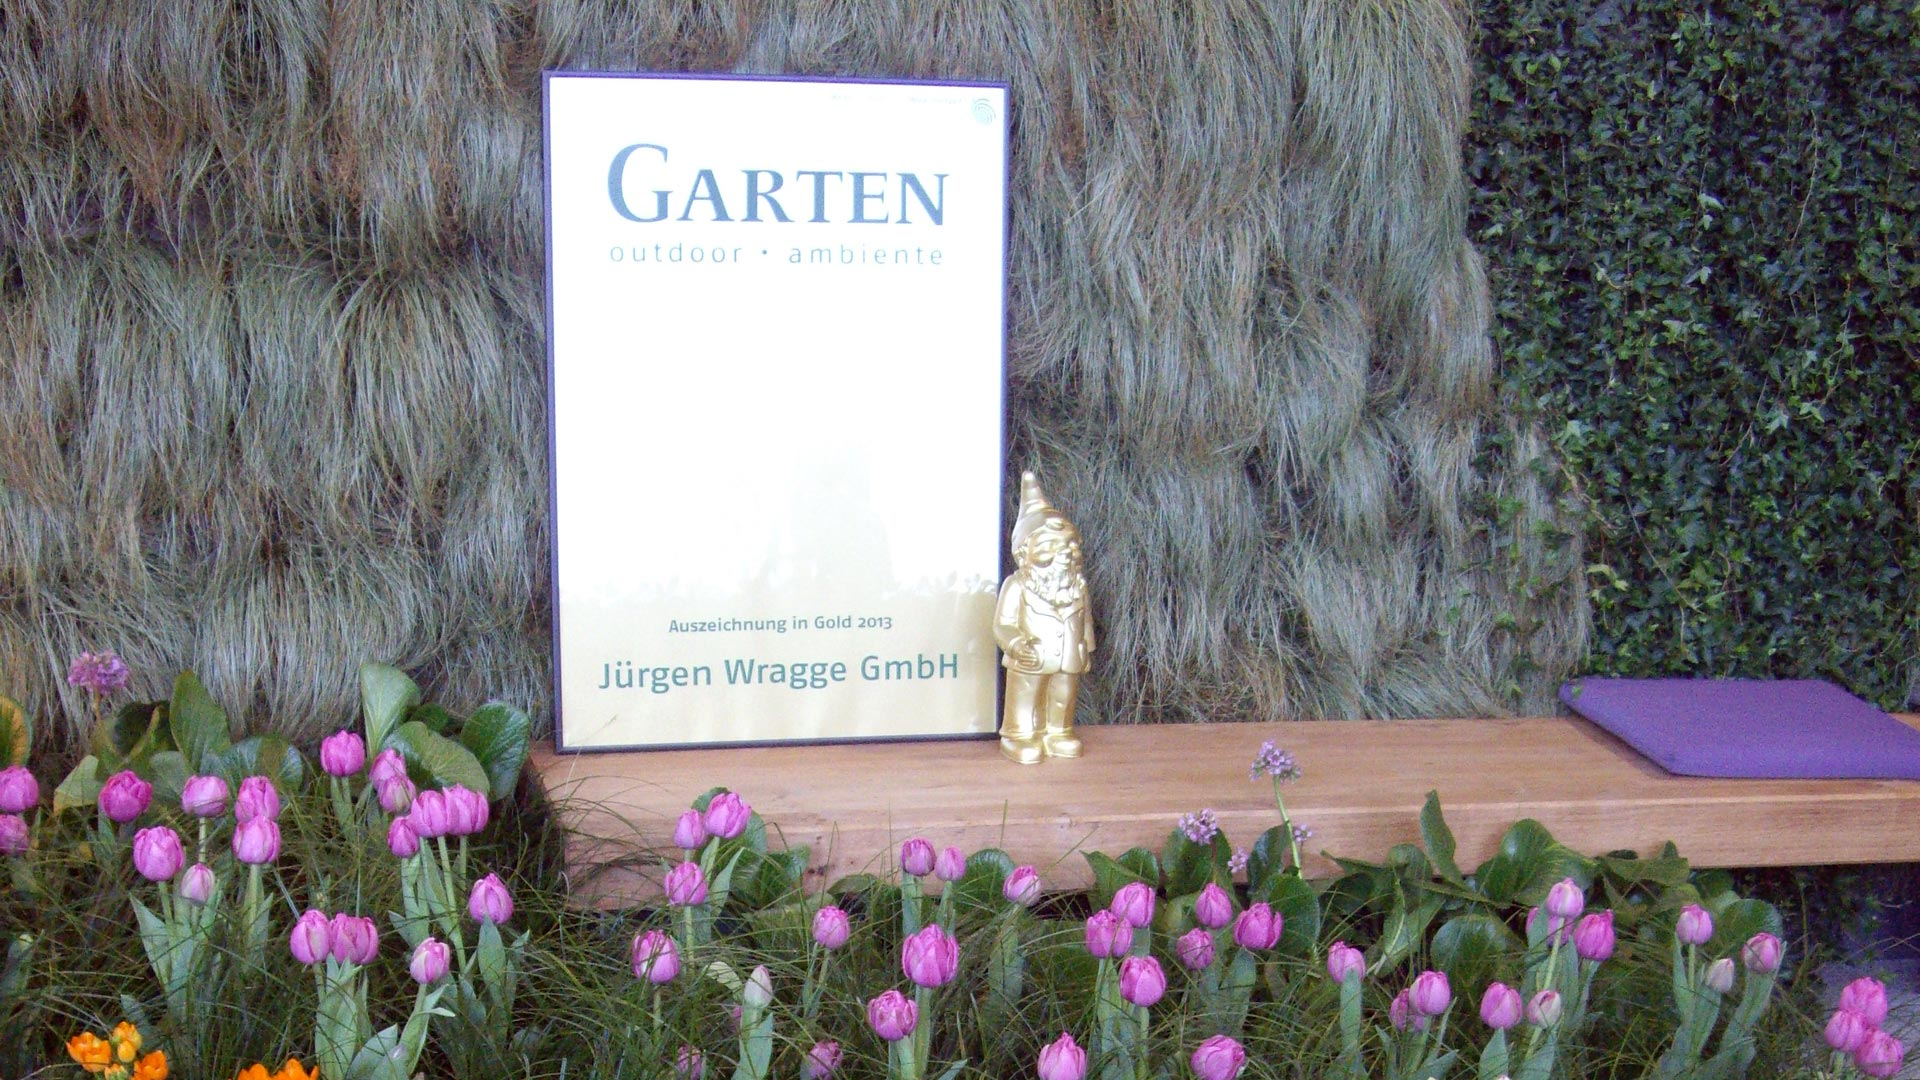 Detailaufnahme Ausschnitt Messestand mit Auszeichnung in Gold der Jürgen Wrigge GmbH